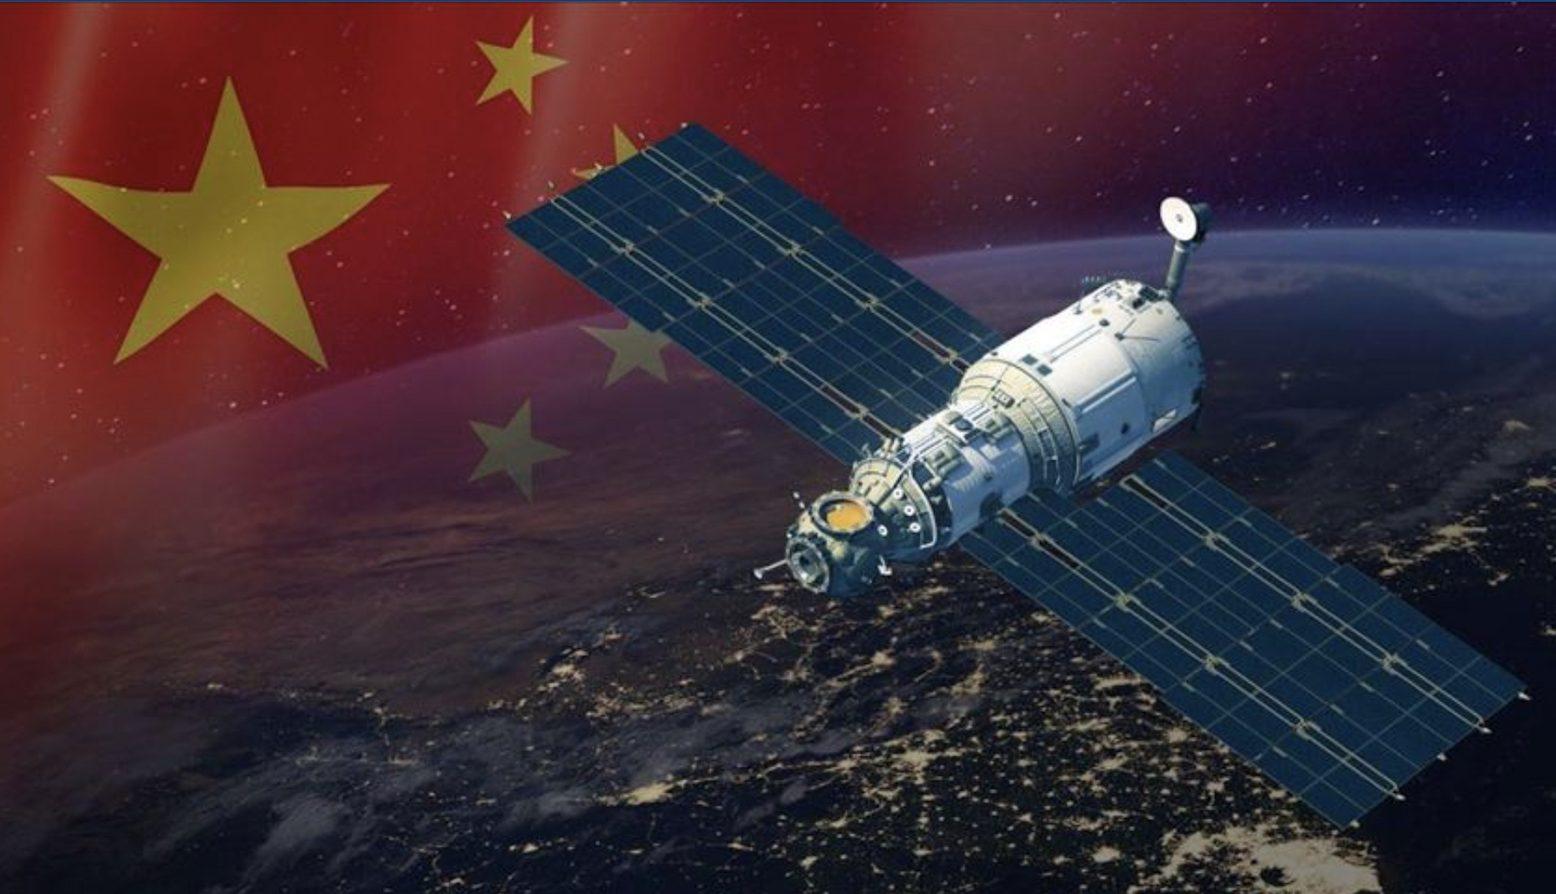 Не Маском единым: китайцы собираются запустить на орбиту тысячи спутников связи - 1